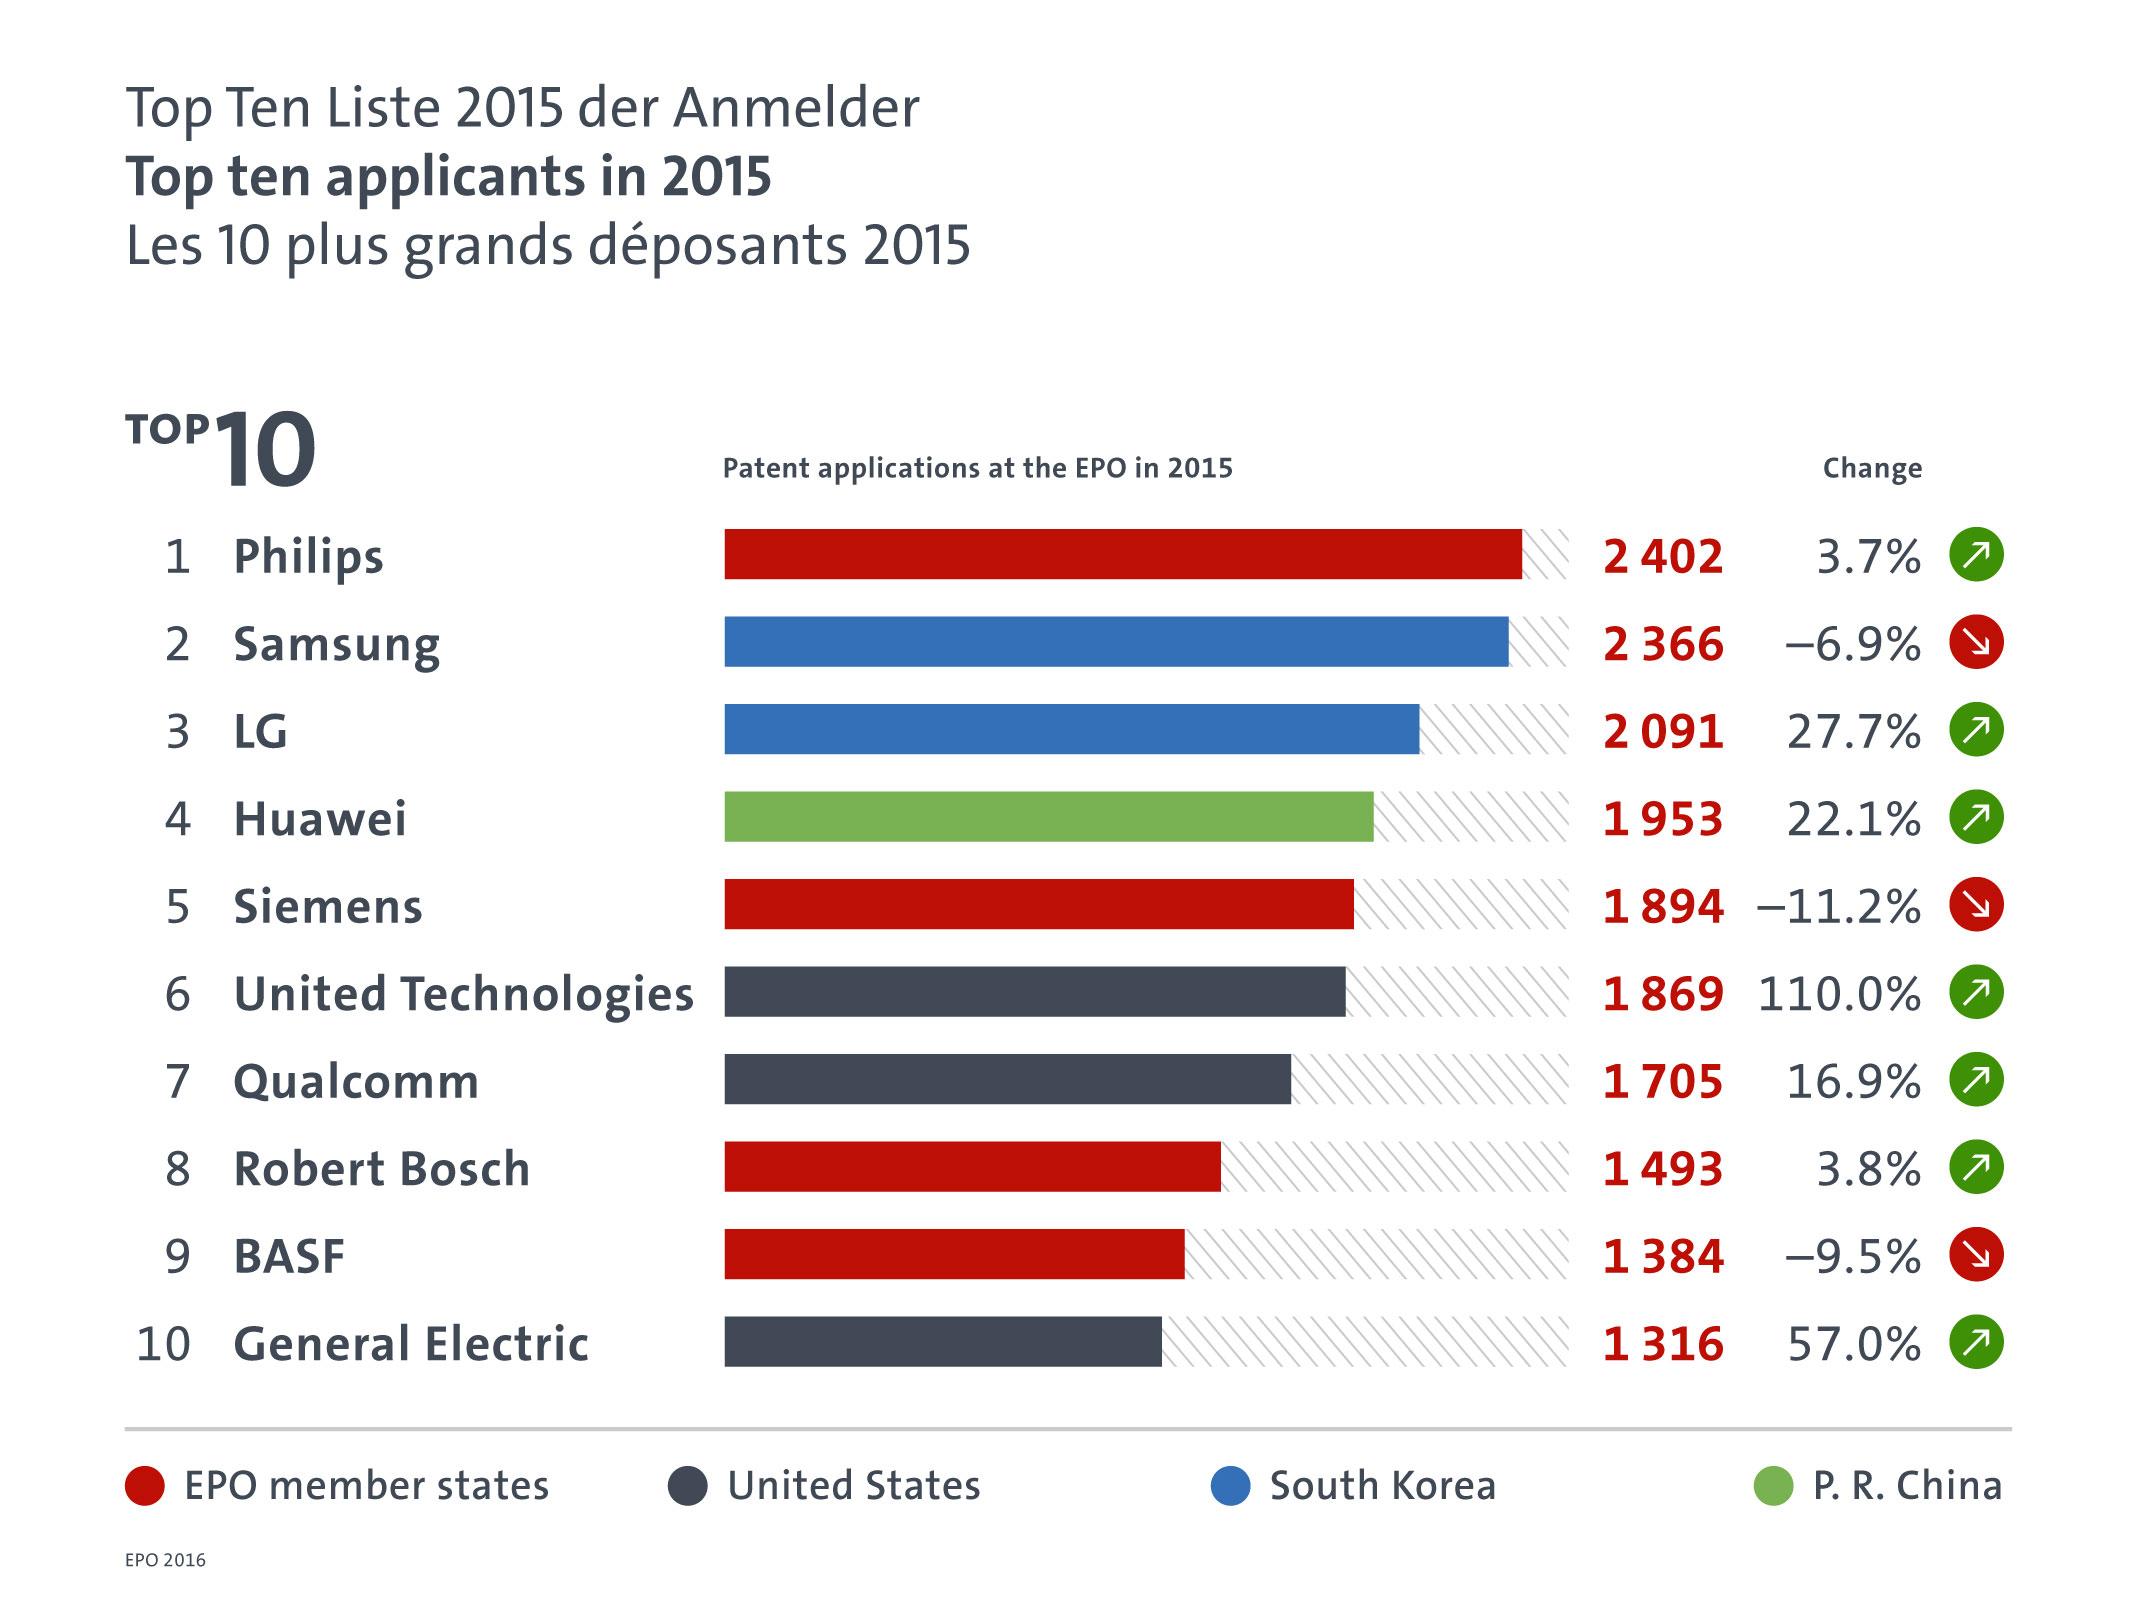 EPO annual results 2015: Top 10 applicants